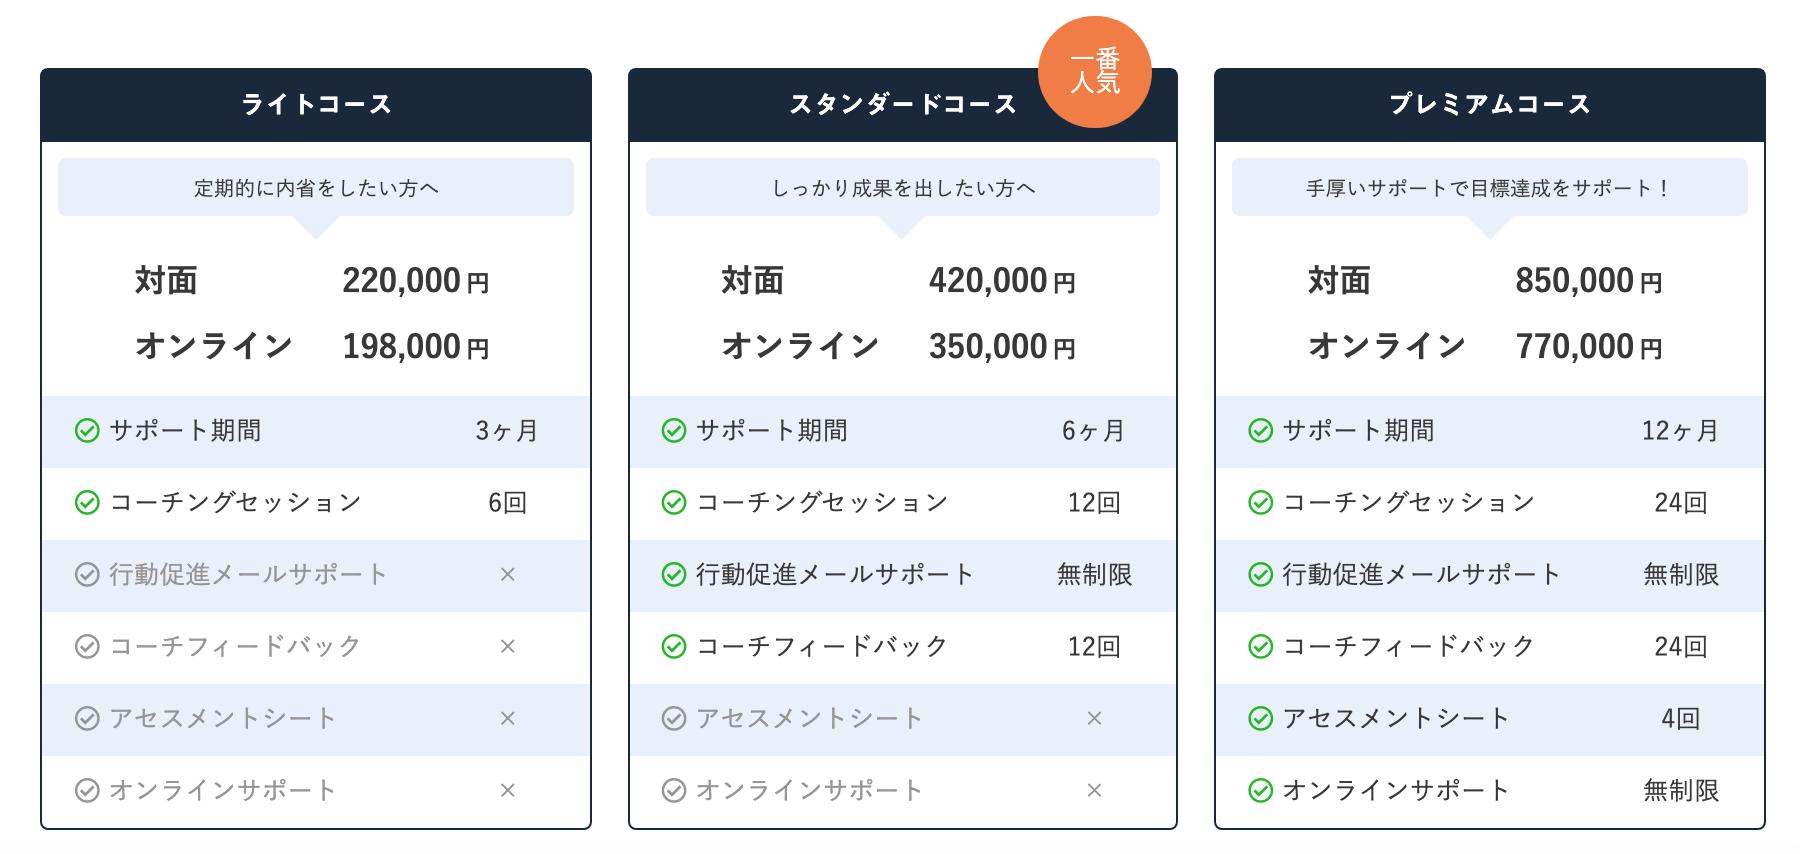 コーチング料金表